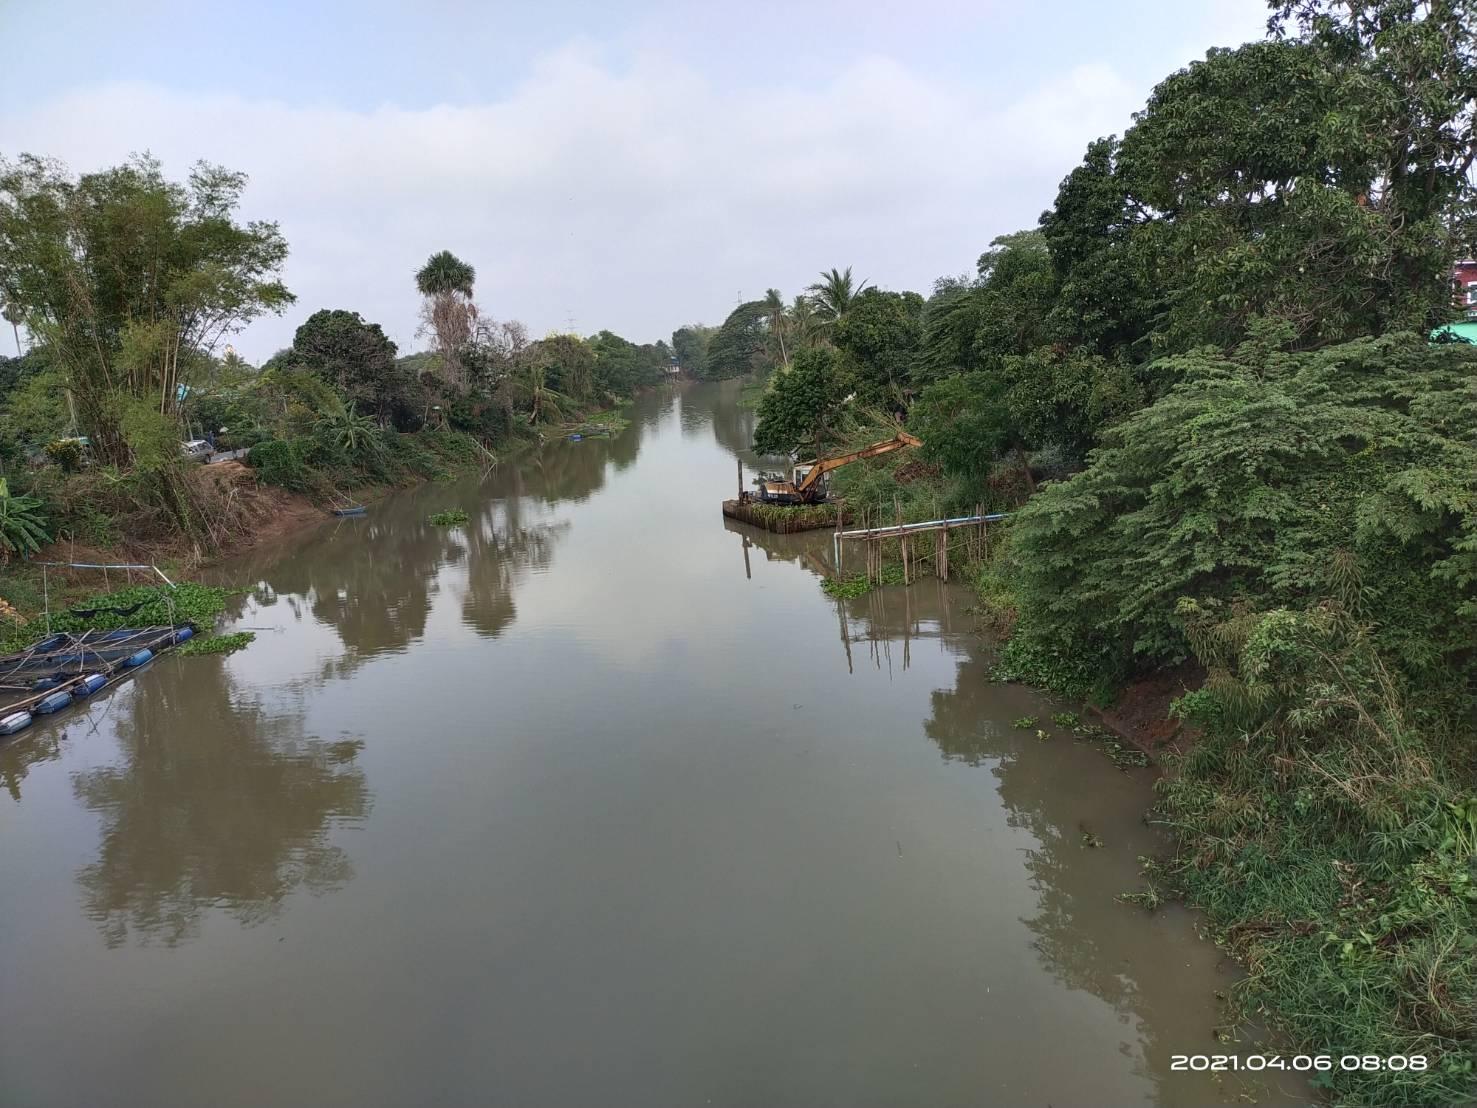 กำจัดผักตบชวาในแม่น้ำน้อย ระยะทาง 20 กิโลเมตร ได้ถึง 56,000 ตัน ทำให้แม่น้ำสะอาดปลอดจากผักตบชวาและวัชพืช